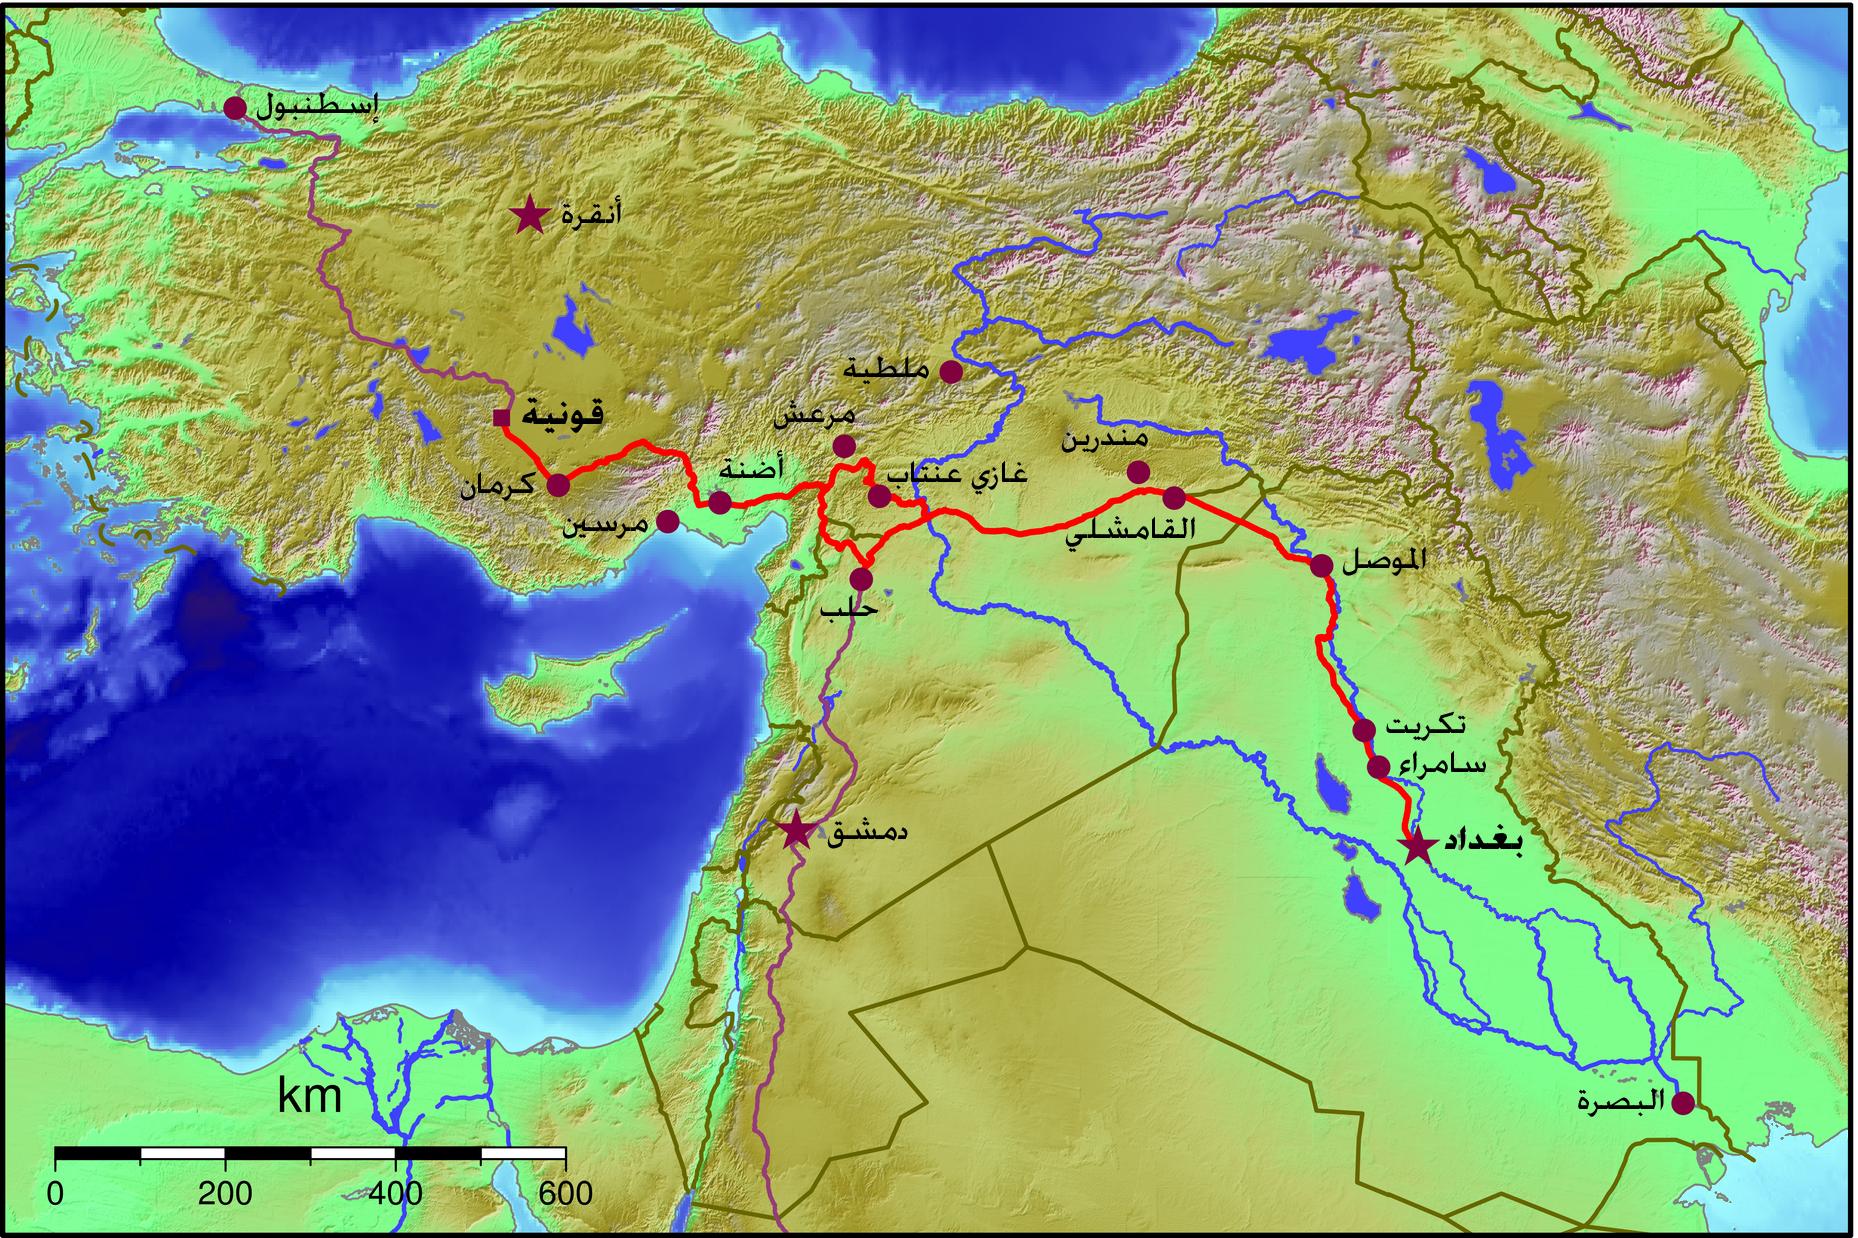 BaghdadRailwayMap-ar (1)